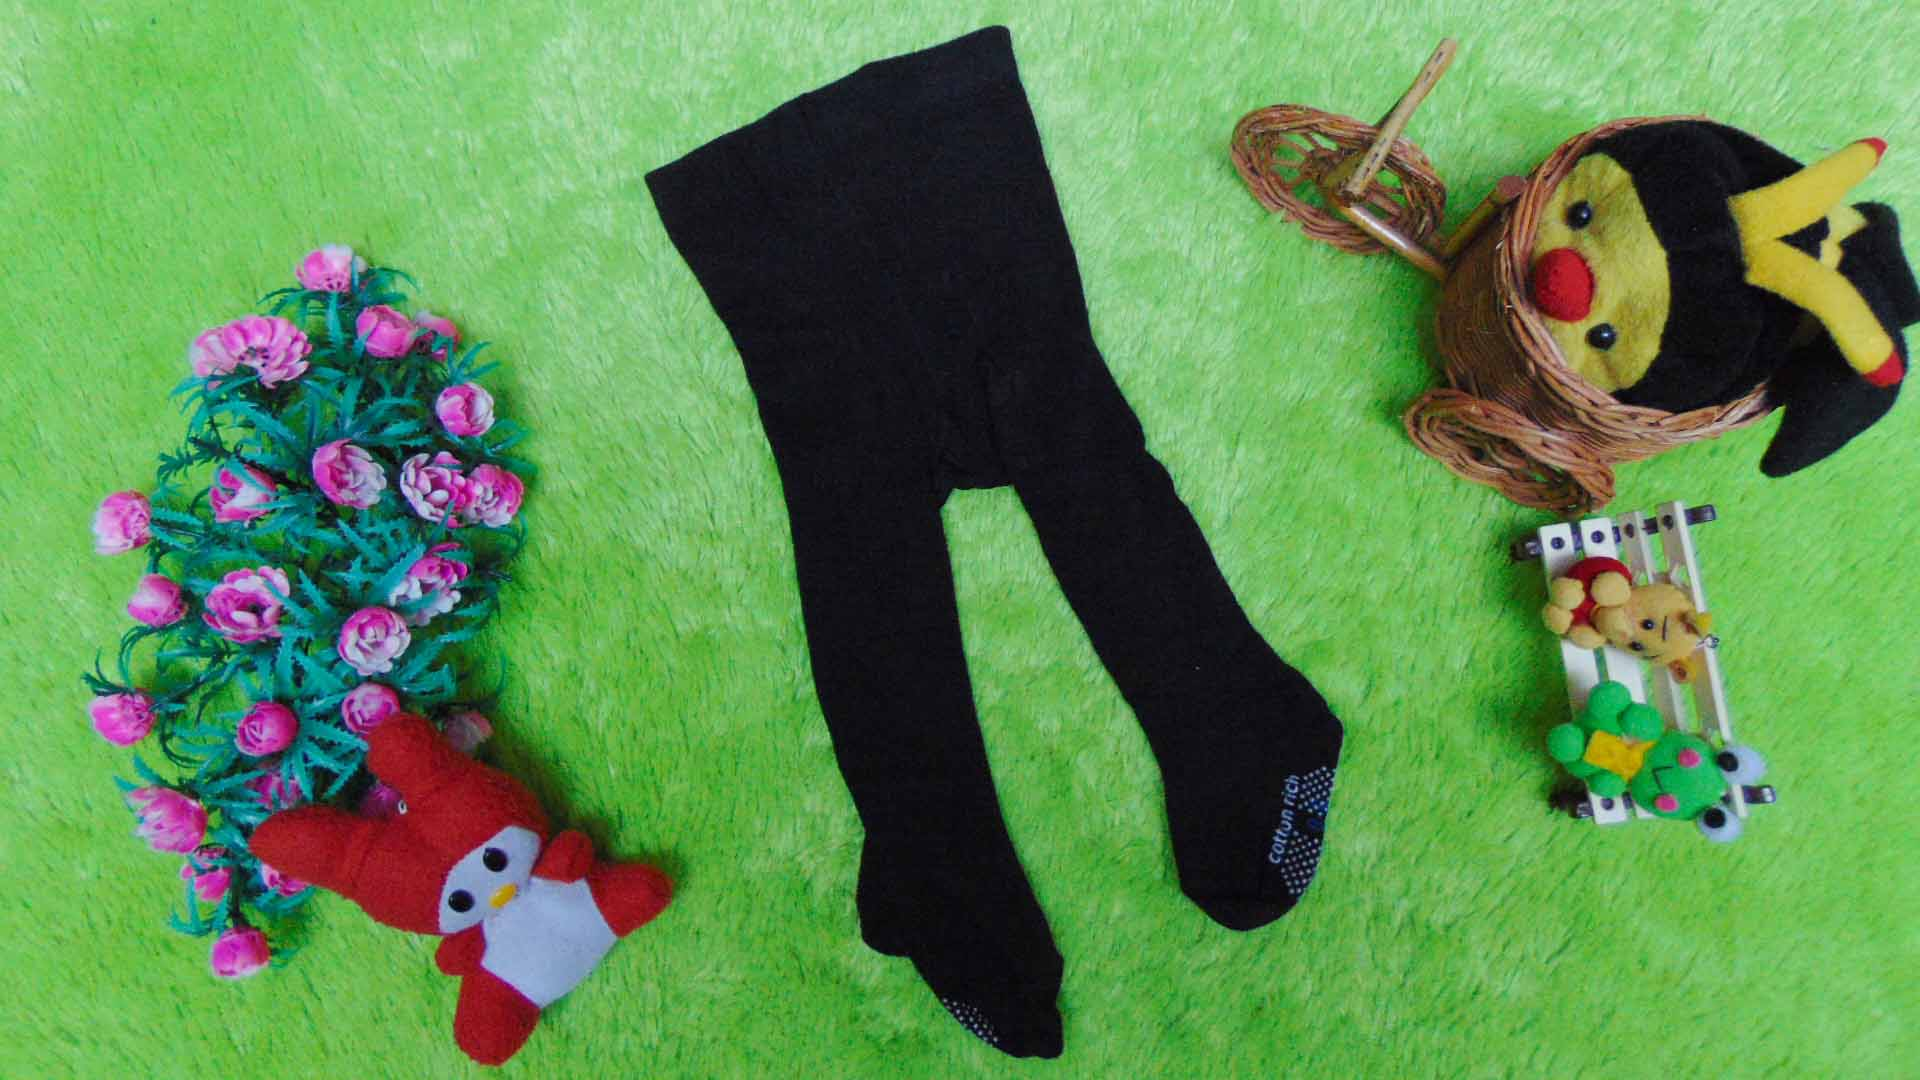 Juga cocok untuk kado bayi kado bayi celana panjang bayi rajut legging cotton rich lembut baby 6-12bulan anti slip